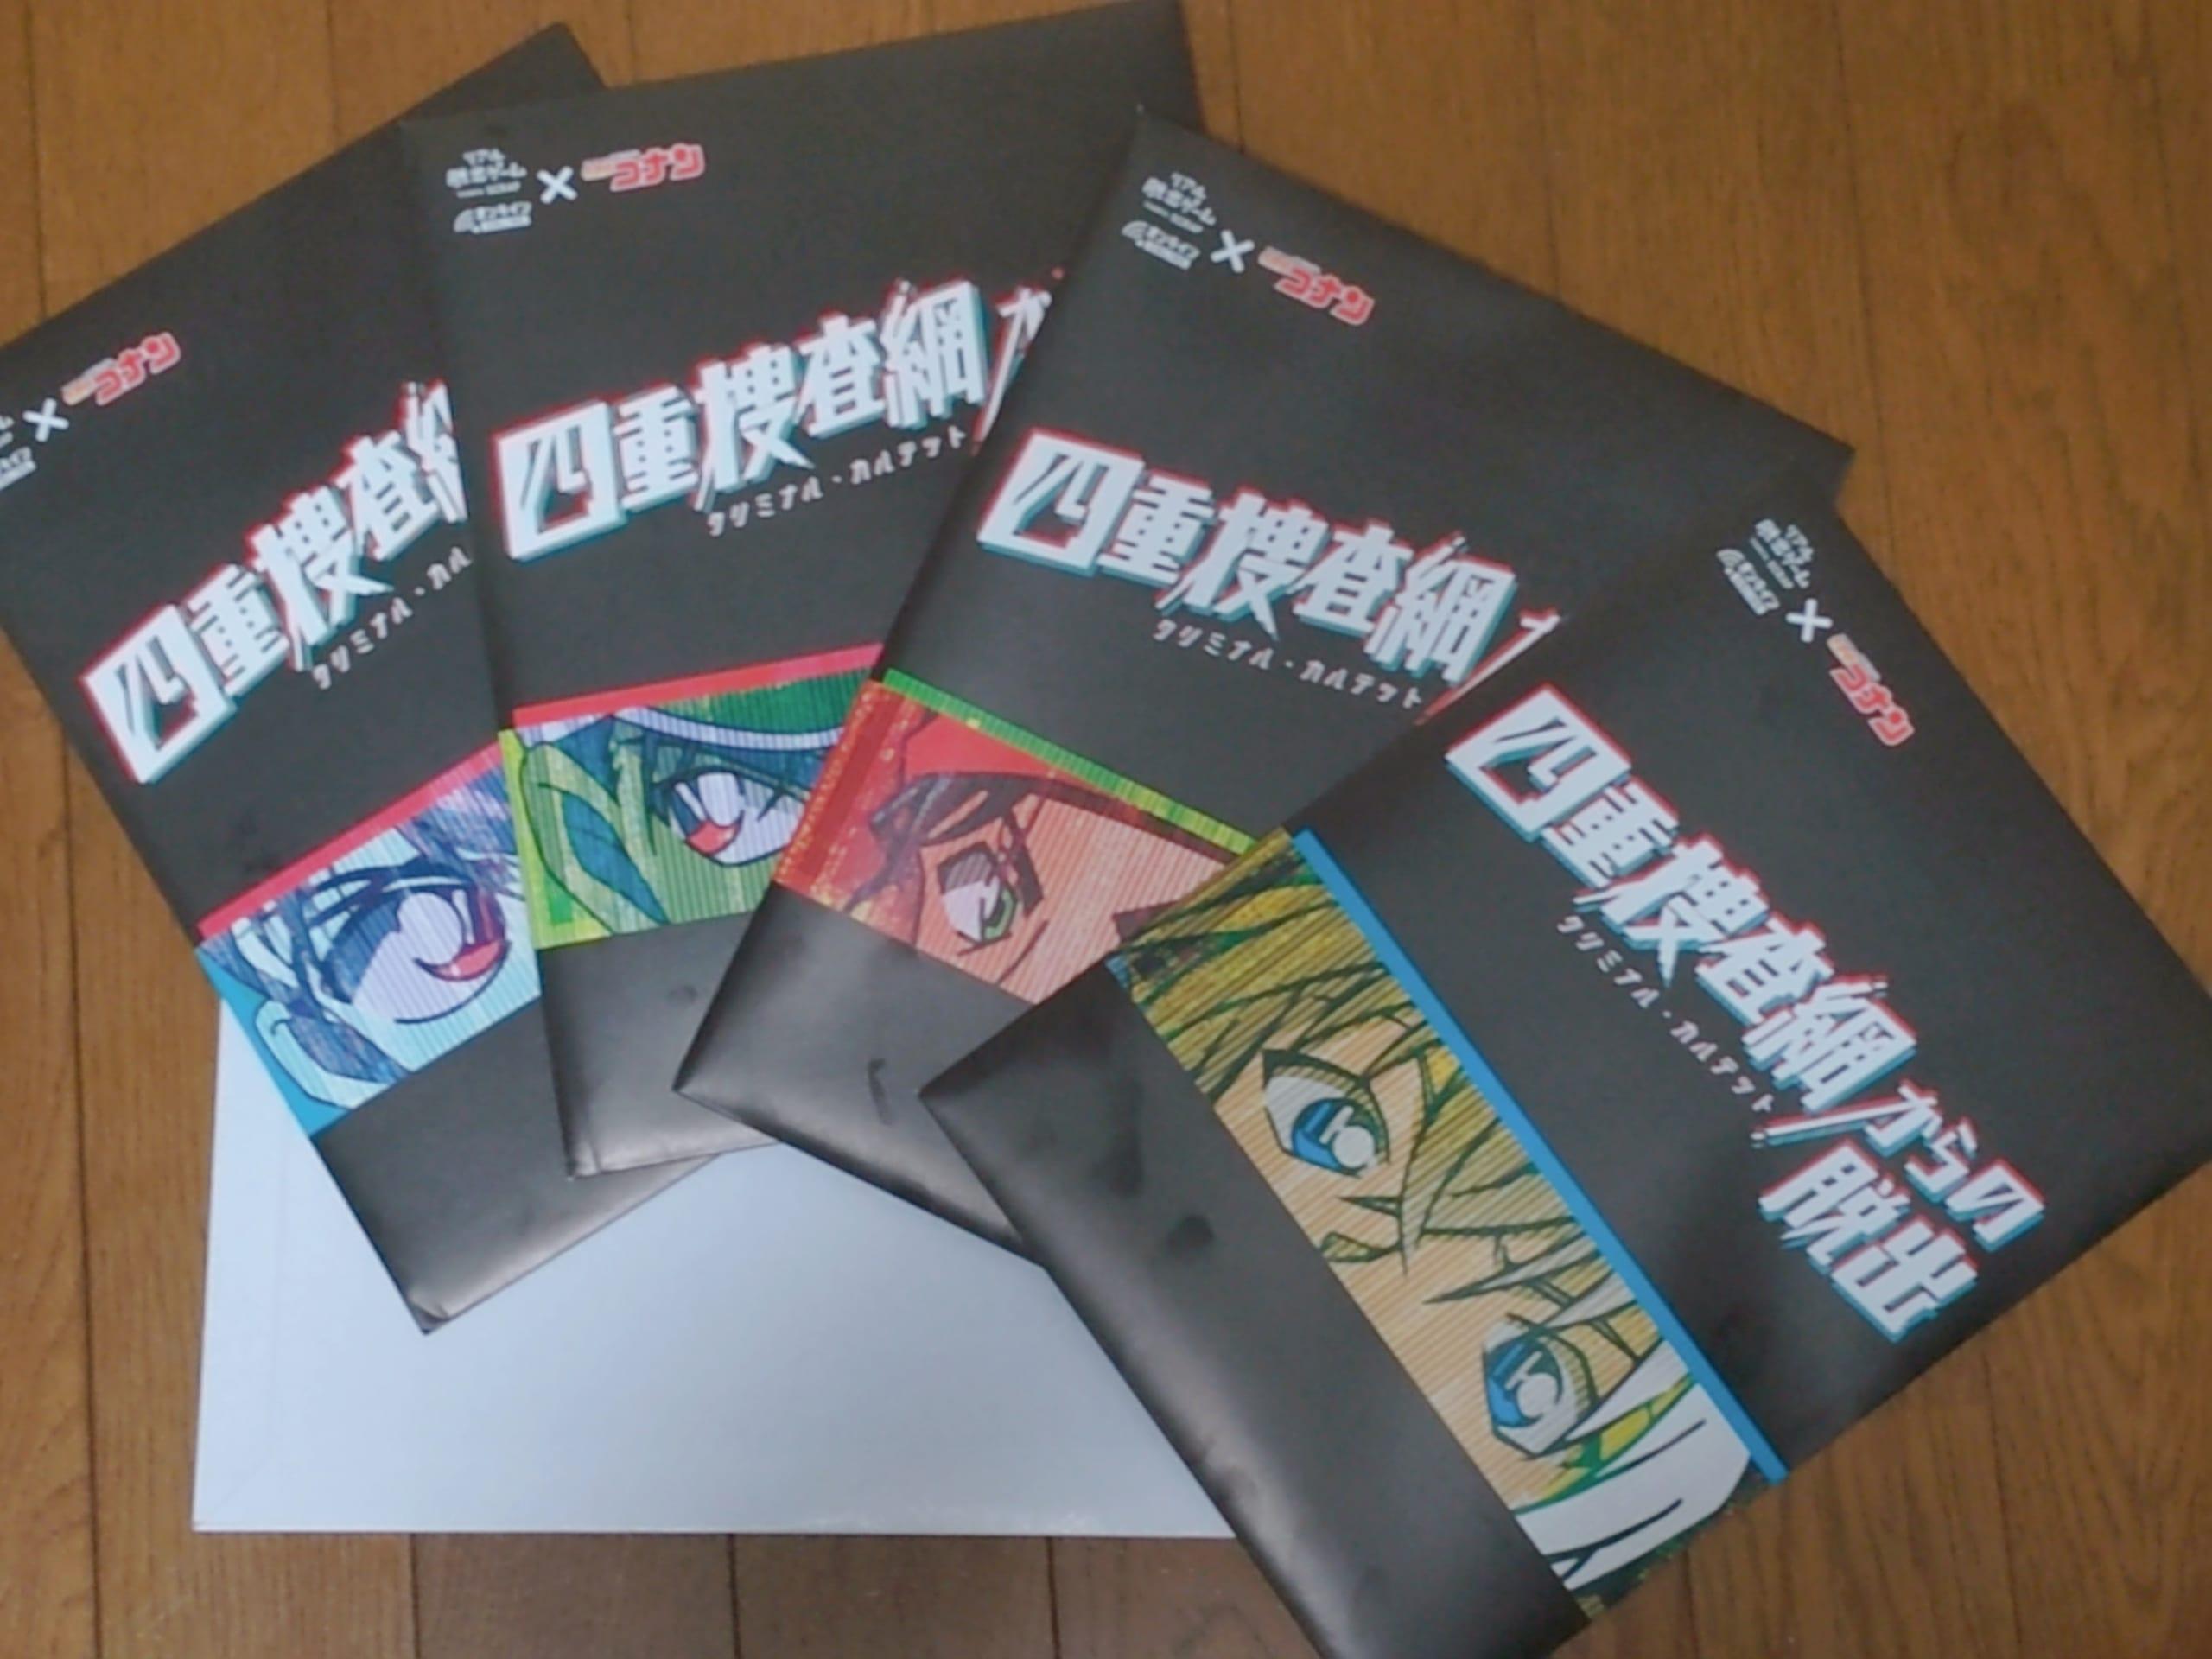 「名探偵コナン」オンラインリアル脱出ゲーム「四重捜査網からの脱出」実際にやってみた!ゲームの流れ&感想をお届け